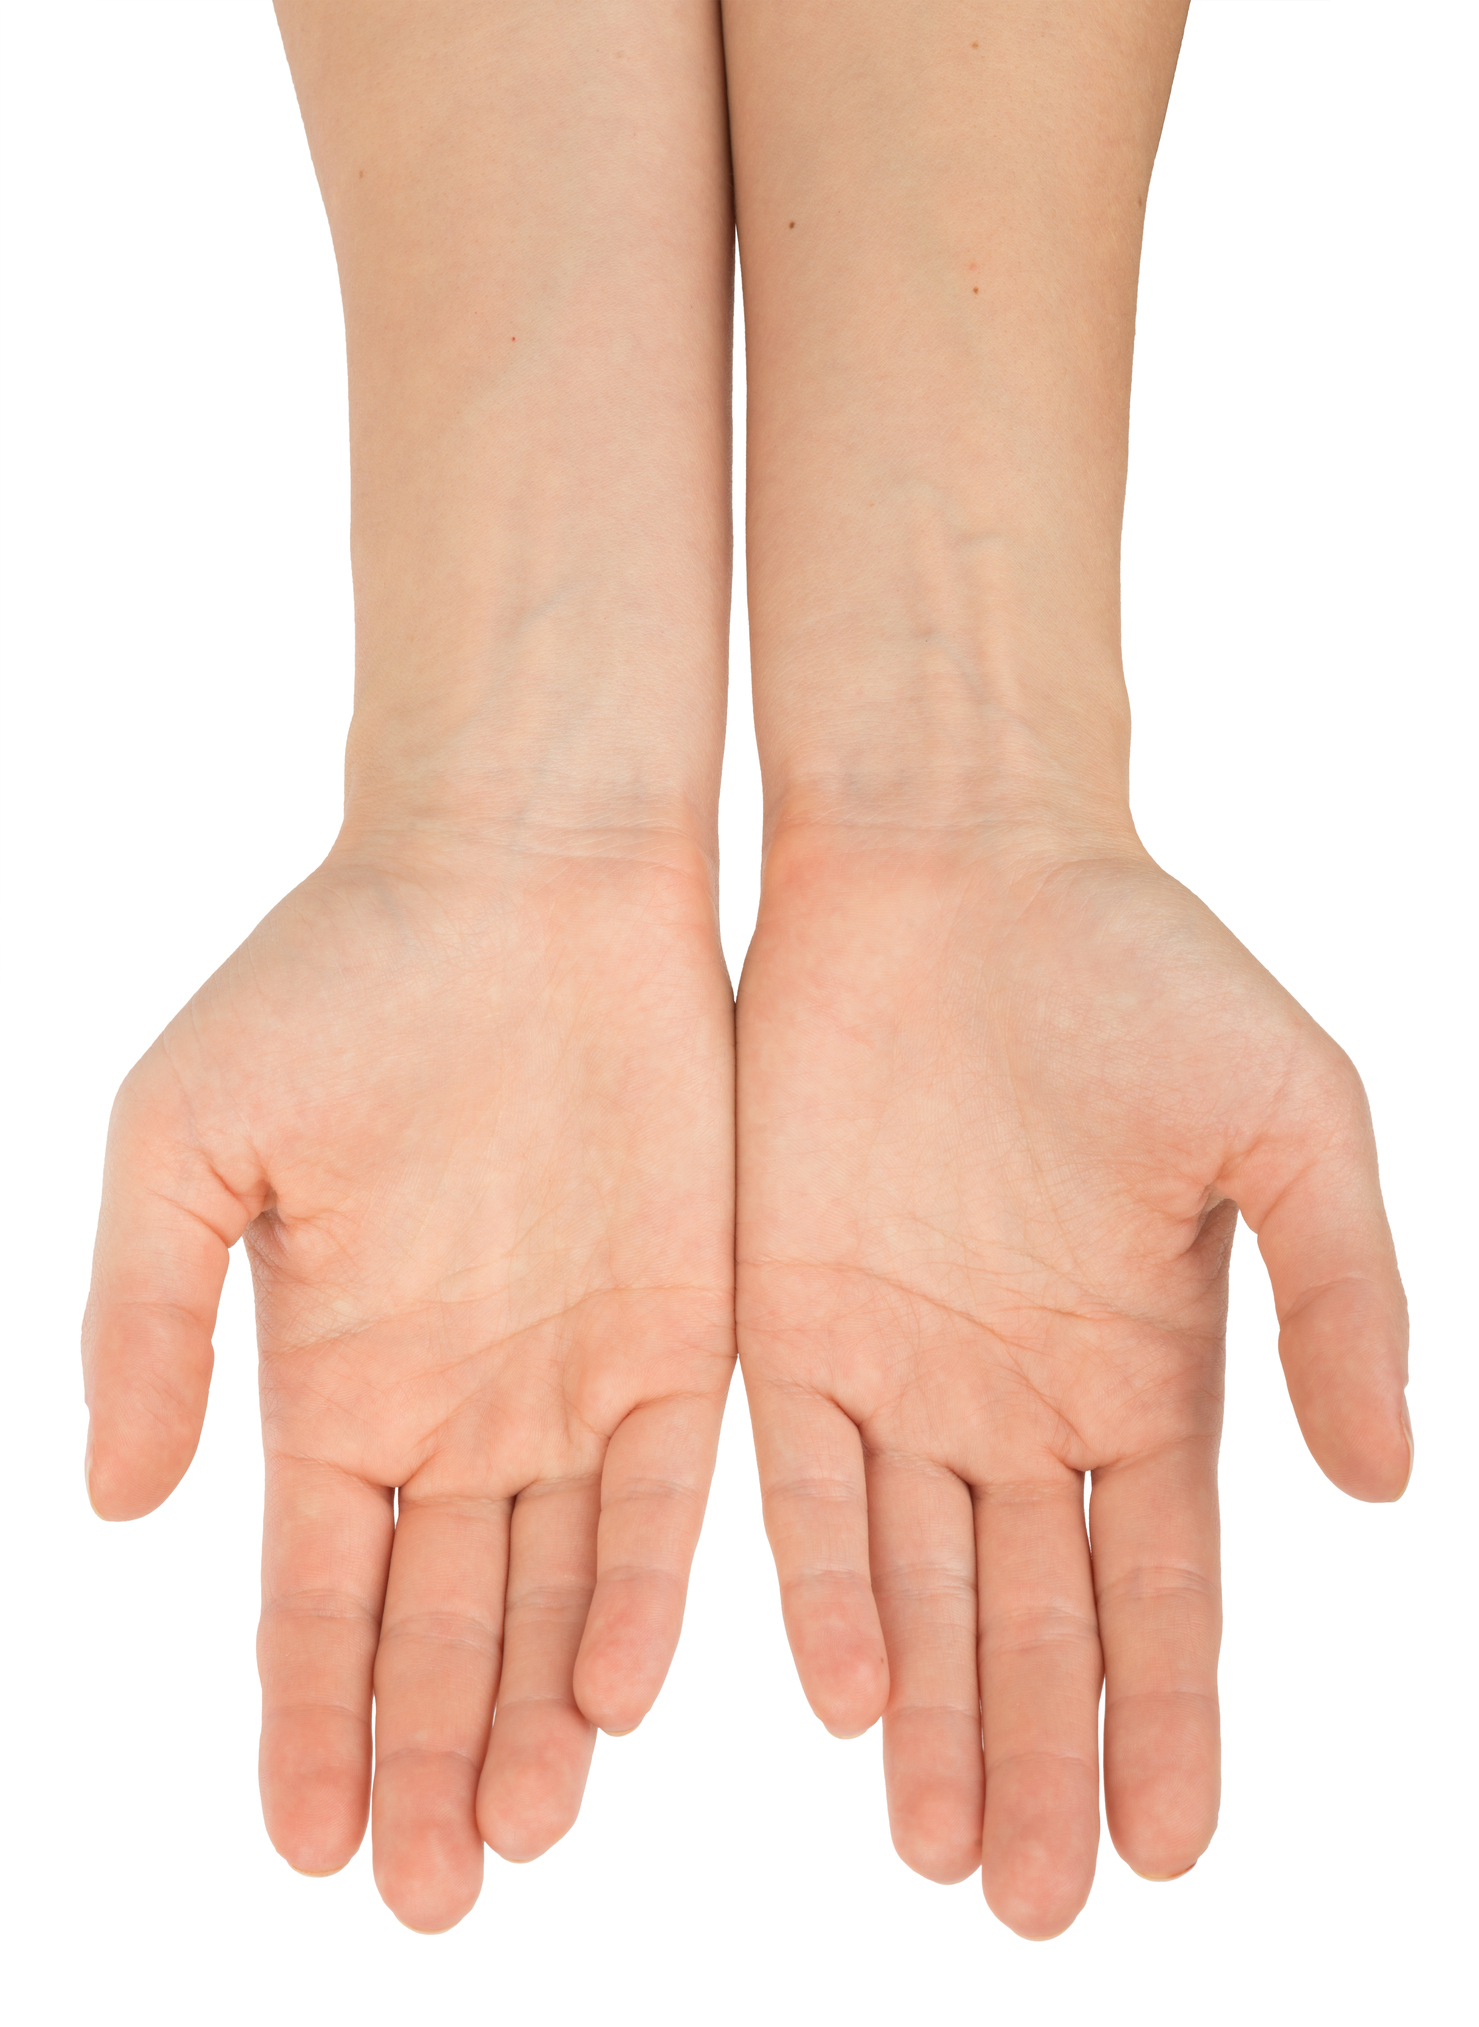 a kezek zsibbadása és homályos látás